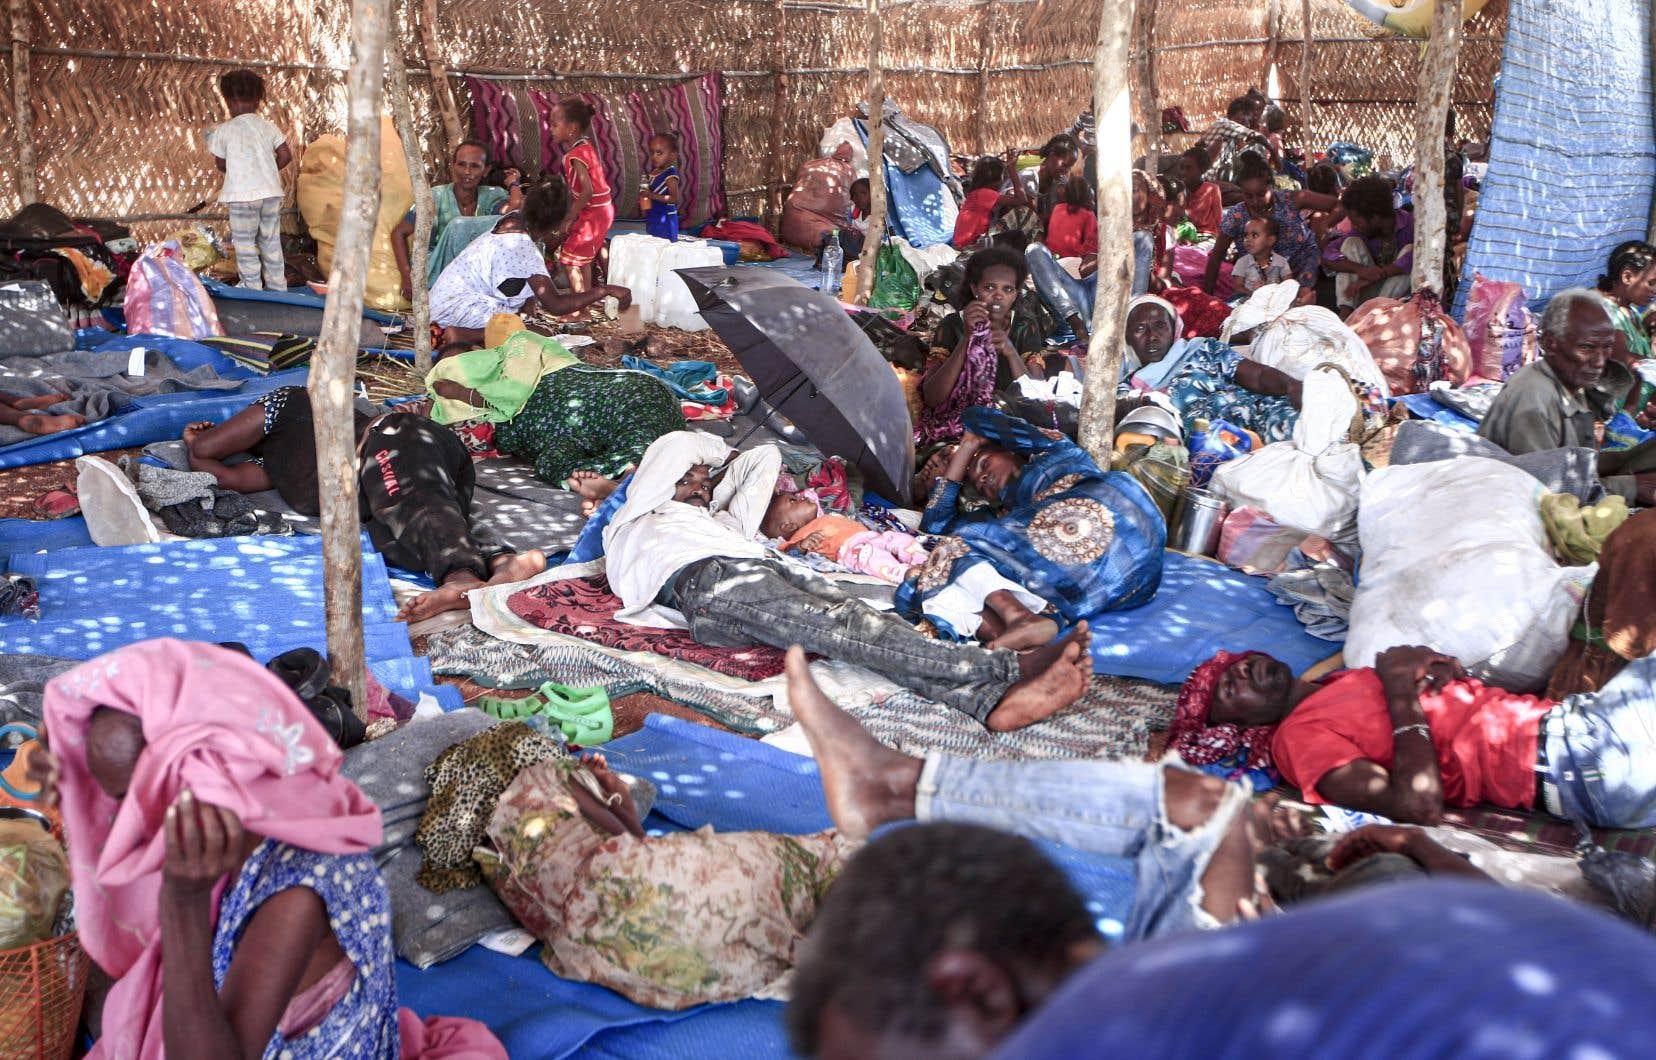 Des réfugiés éthiopiens s'entassaient dans une hutte du camp d'Oum Raquba, au Soudan, mardi, après avoir fui les exactions commises par l'armée au Tigré.